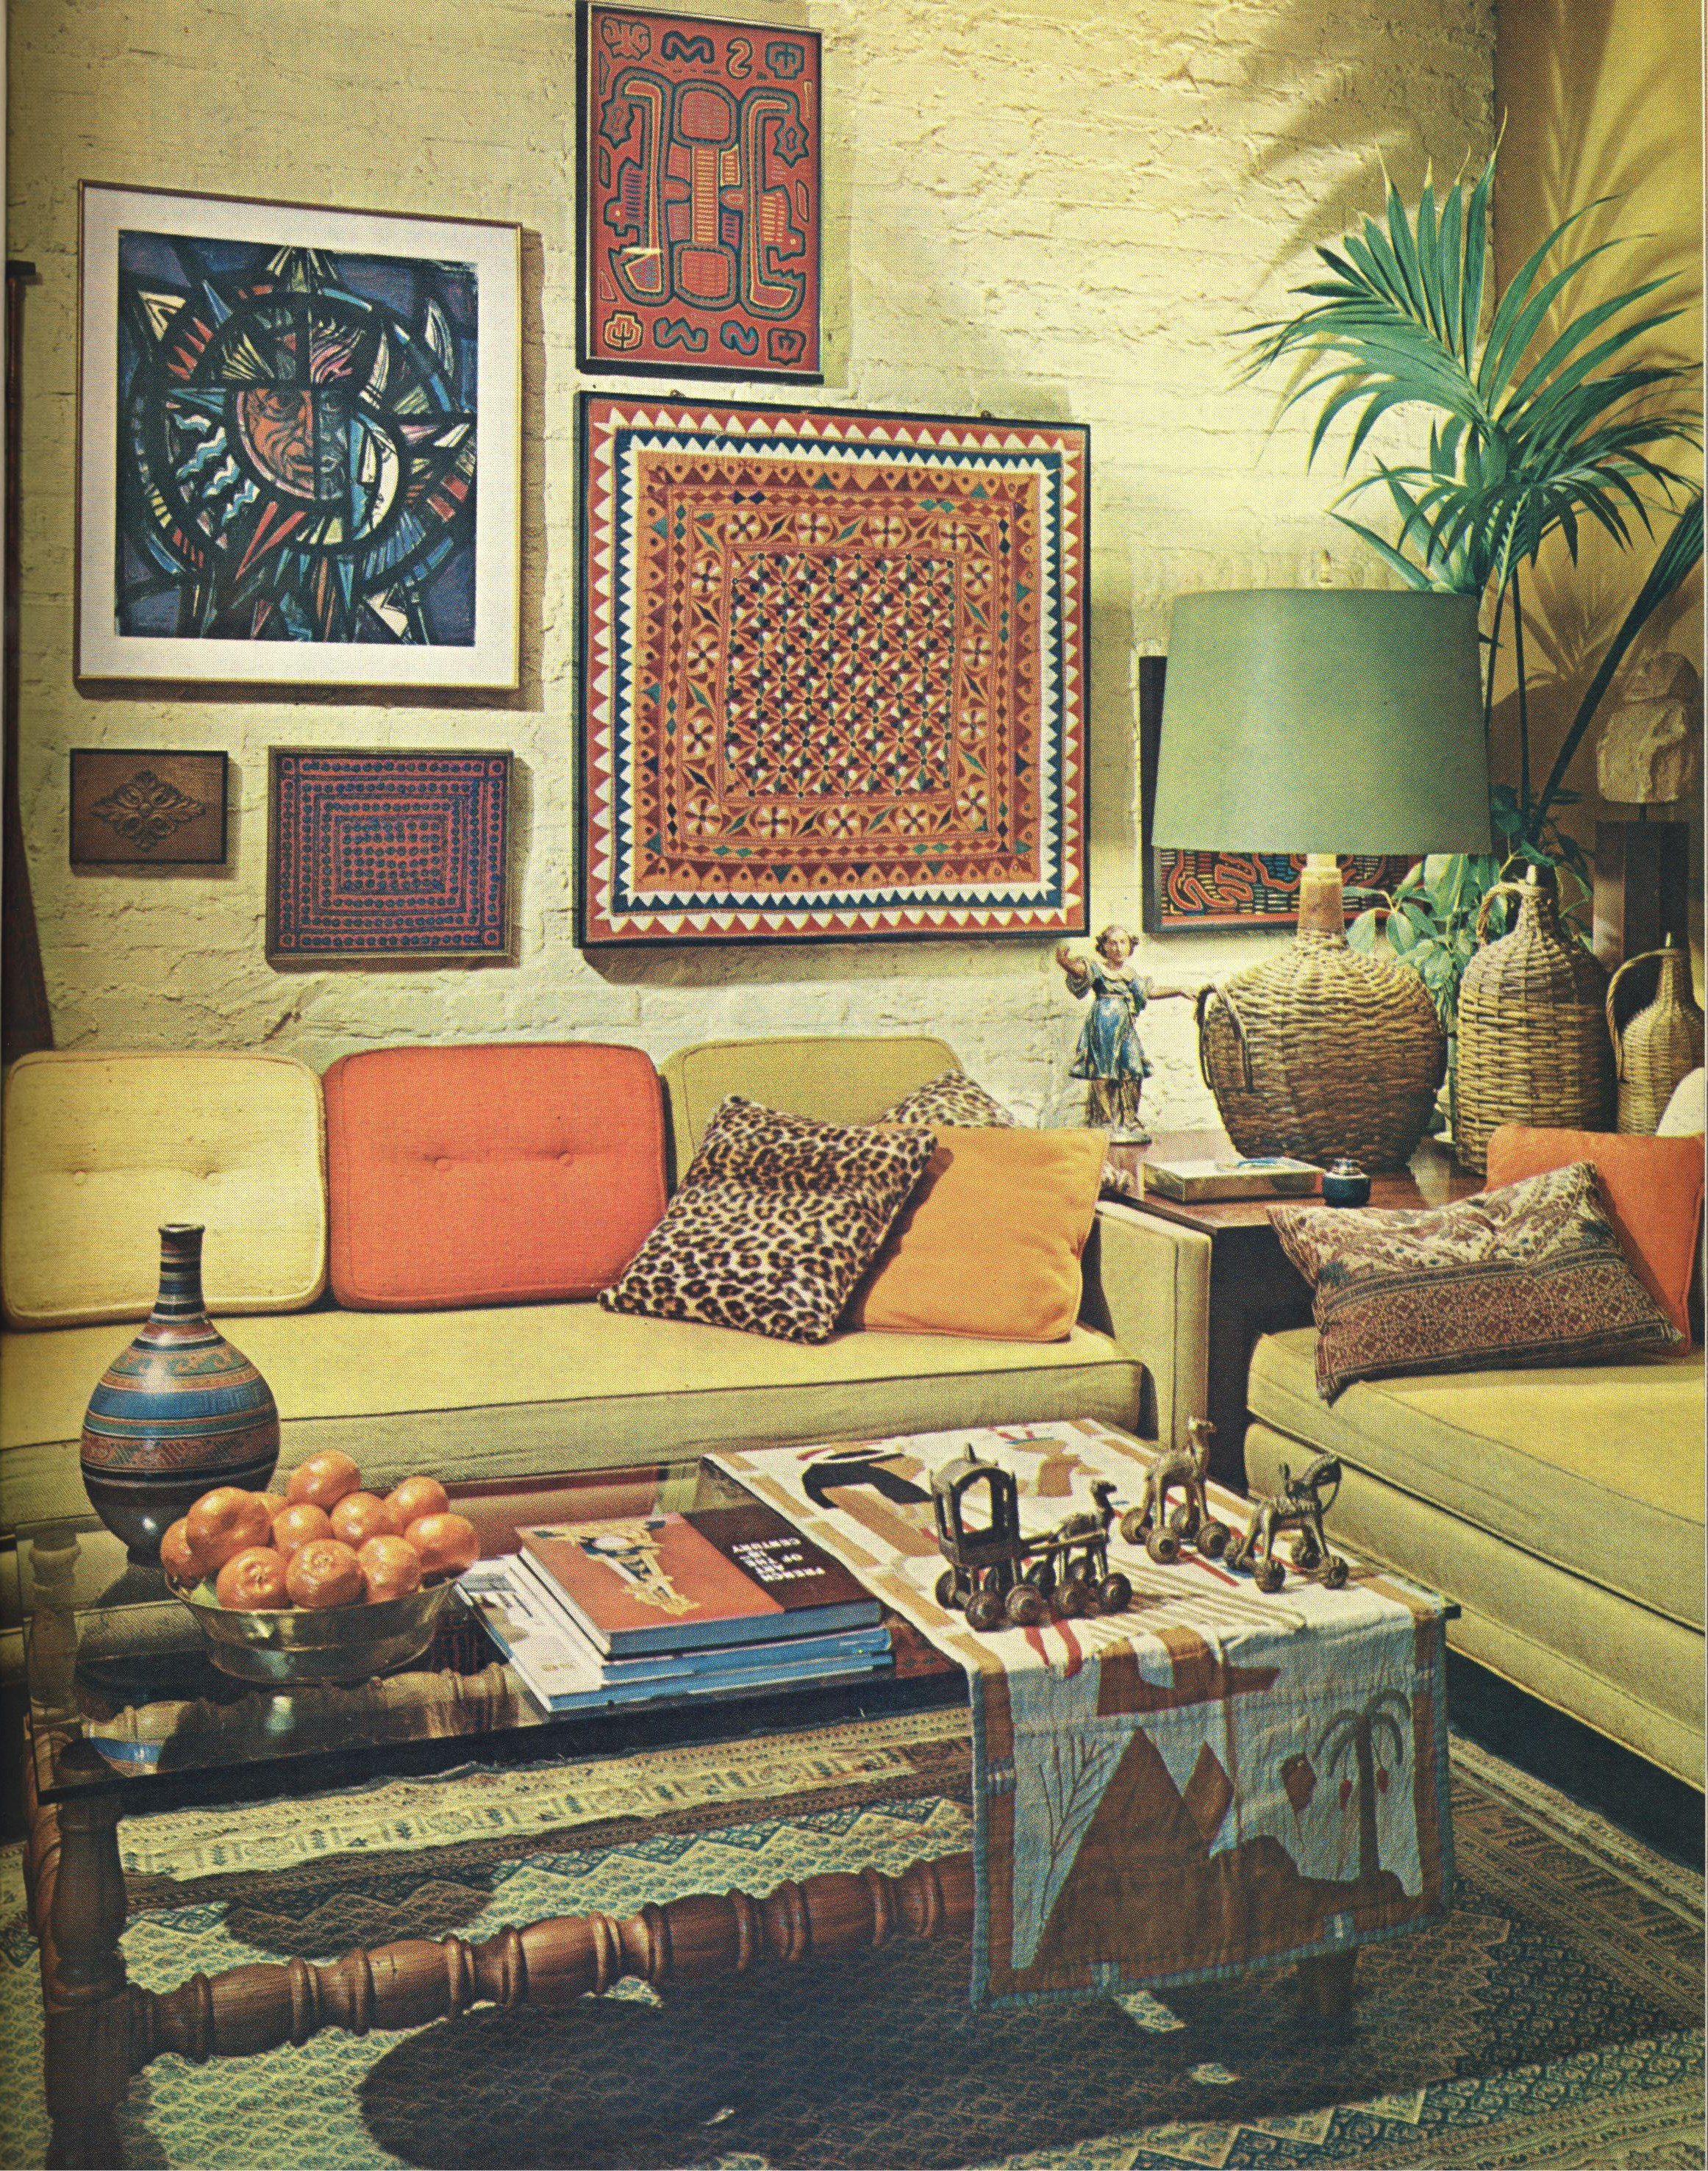 Ce type de deco  jalonne mon enfance pas la plus belle vintage home decordiy also best is where the hearth images in  decor rh pinterest